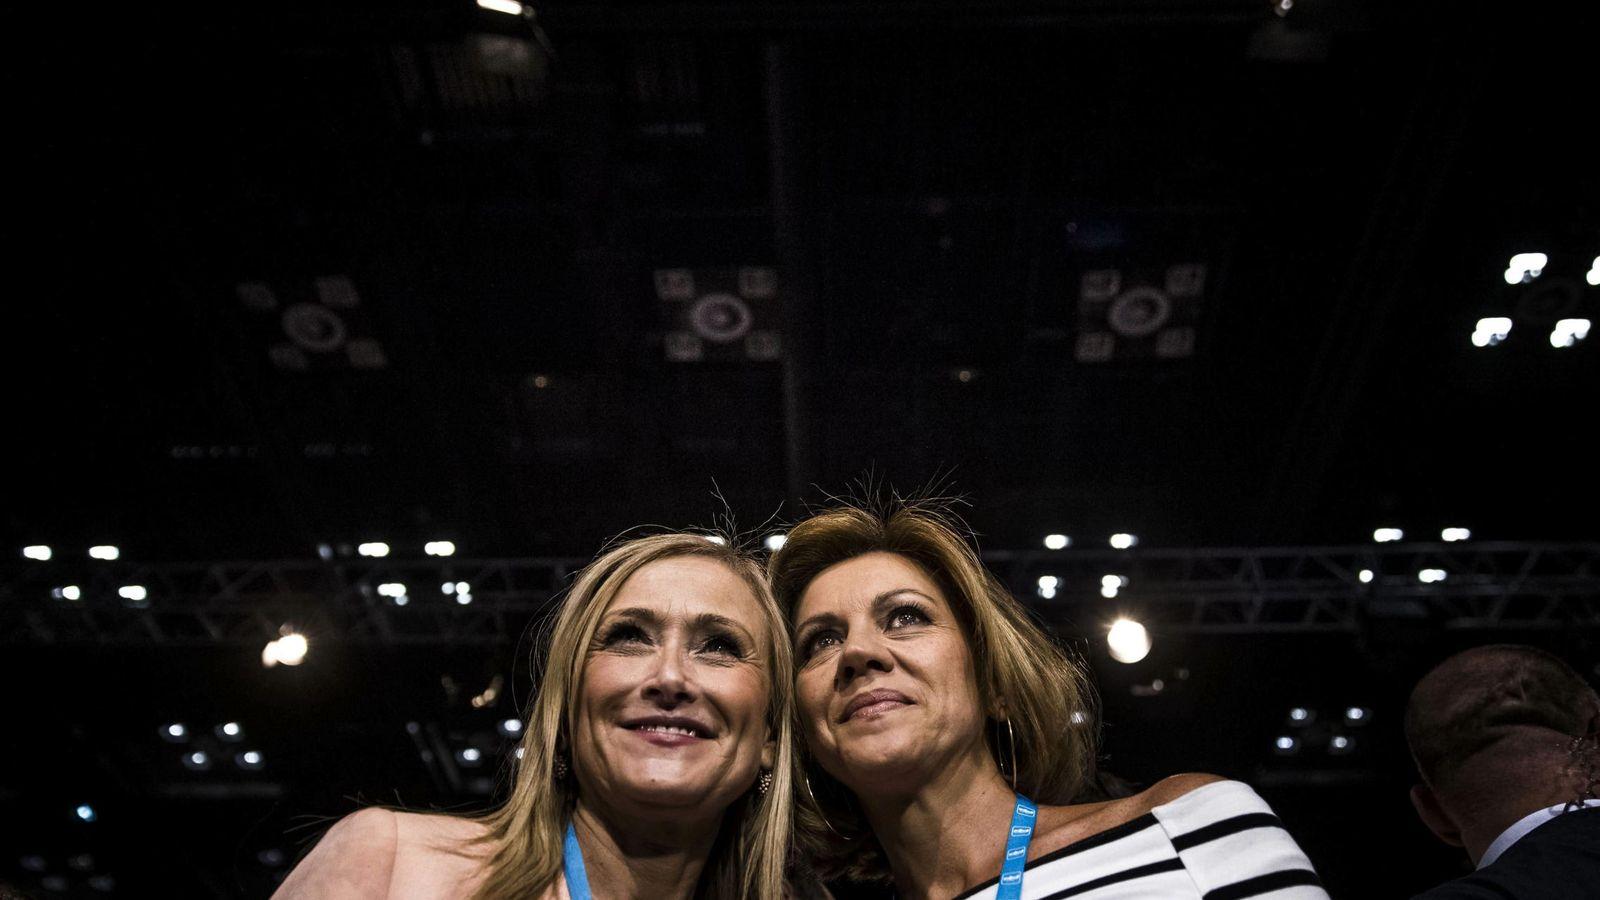 Foto: La secretaria general, María Dolores de Cospedal y la presidenta de la Comunidad de Madrid, Cristina Cifuentes. (Efe)